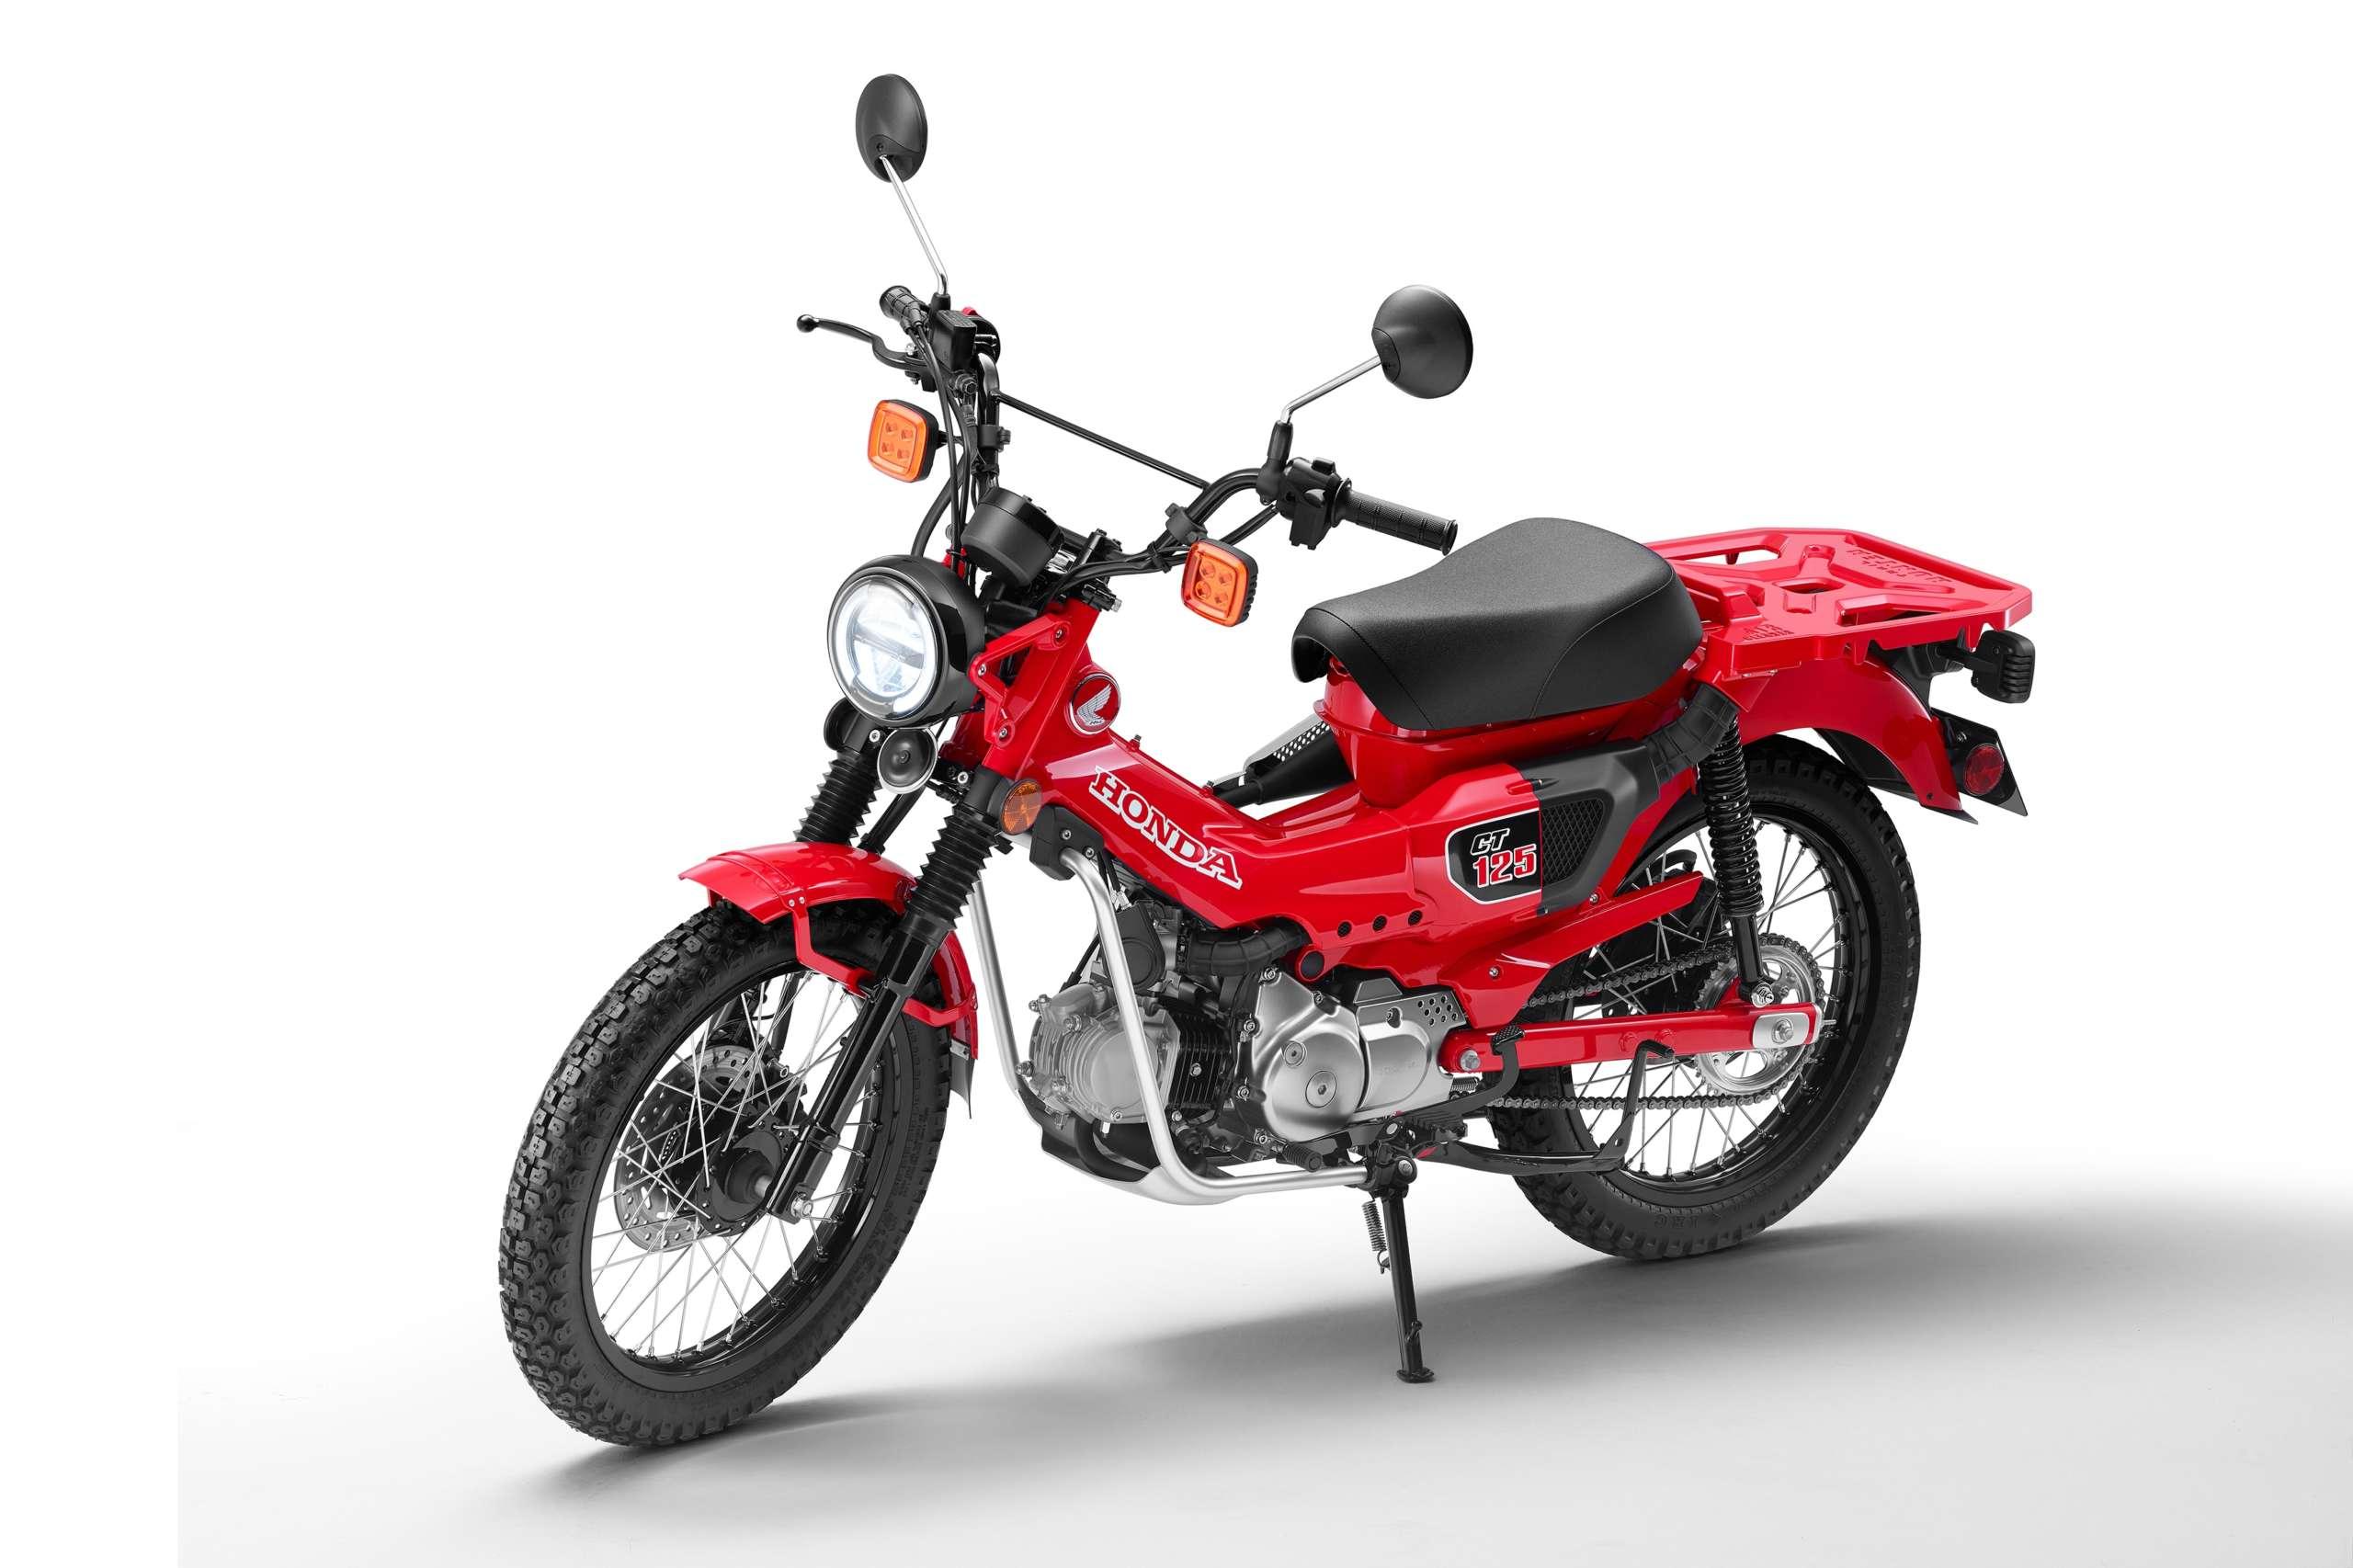 Honda(ホンダ) CT125ハンターカブ 最新情報まとめ!44万円!